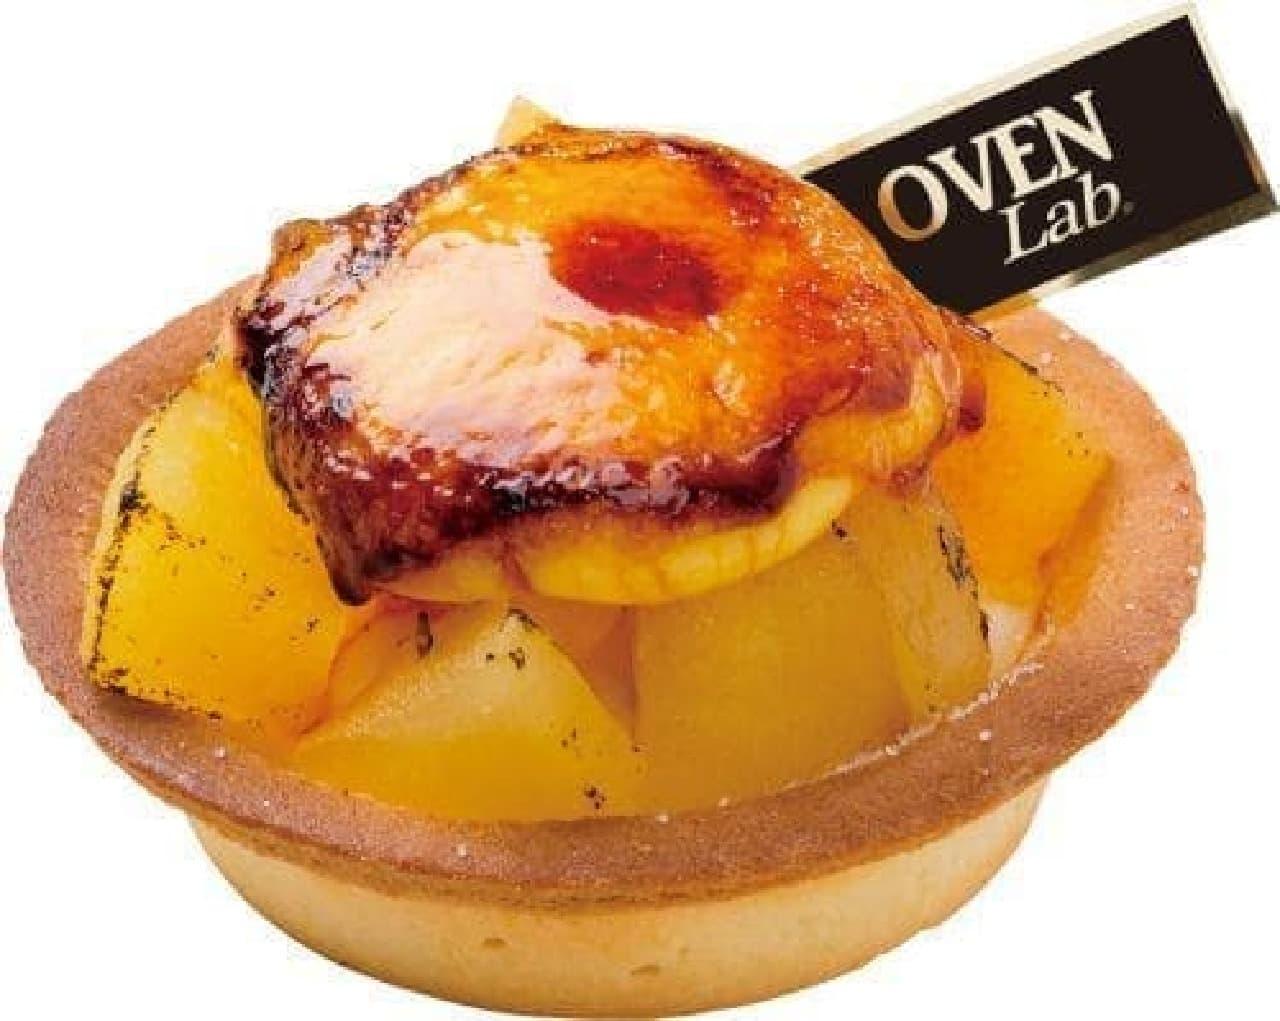 オーブンラボ「焦がしりんごのチーズタルト」